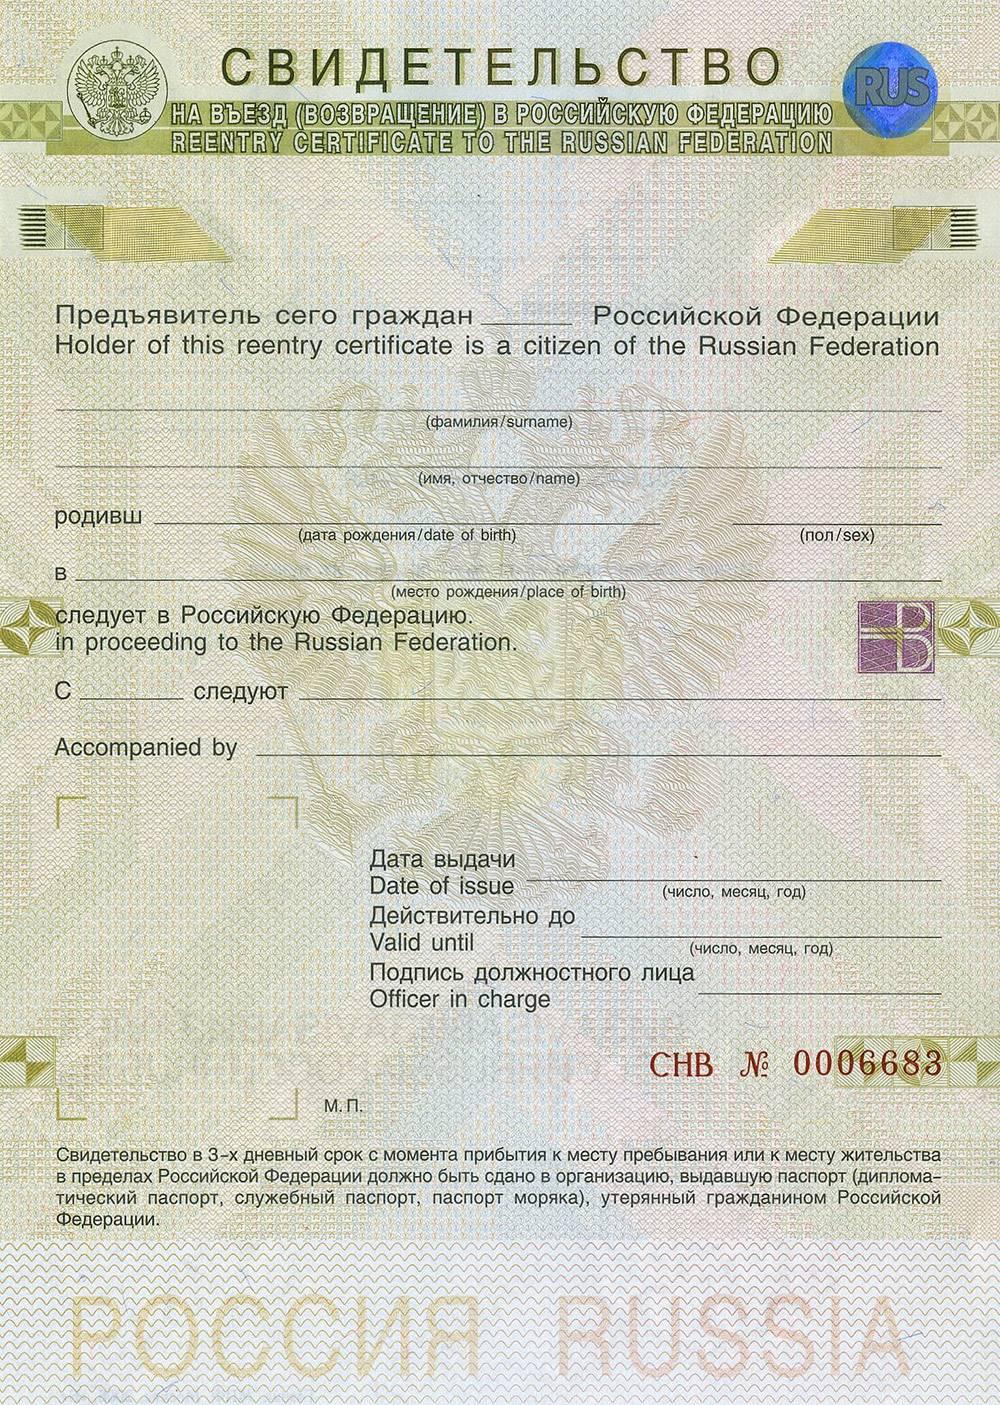 Свидетельство выдается на номерном бланке, поэтому по нему можно купить обратные билеты на самолет или поезд. Источник: 1zagran.ru